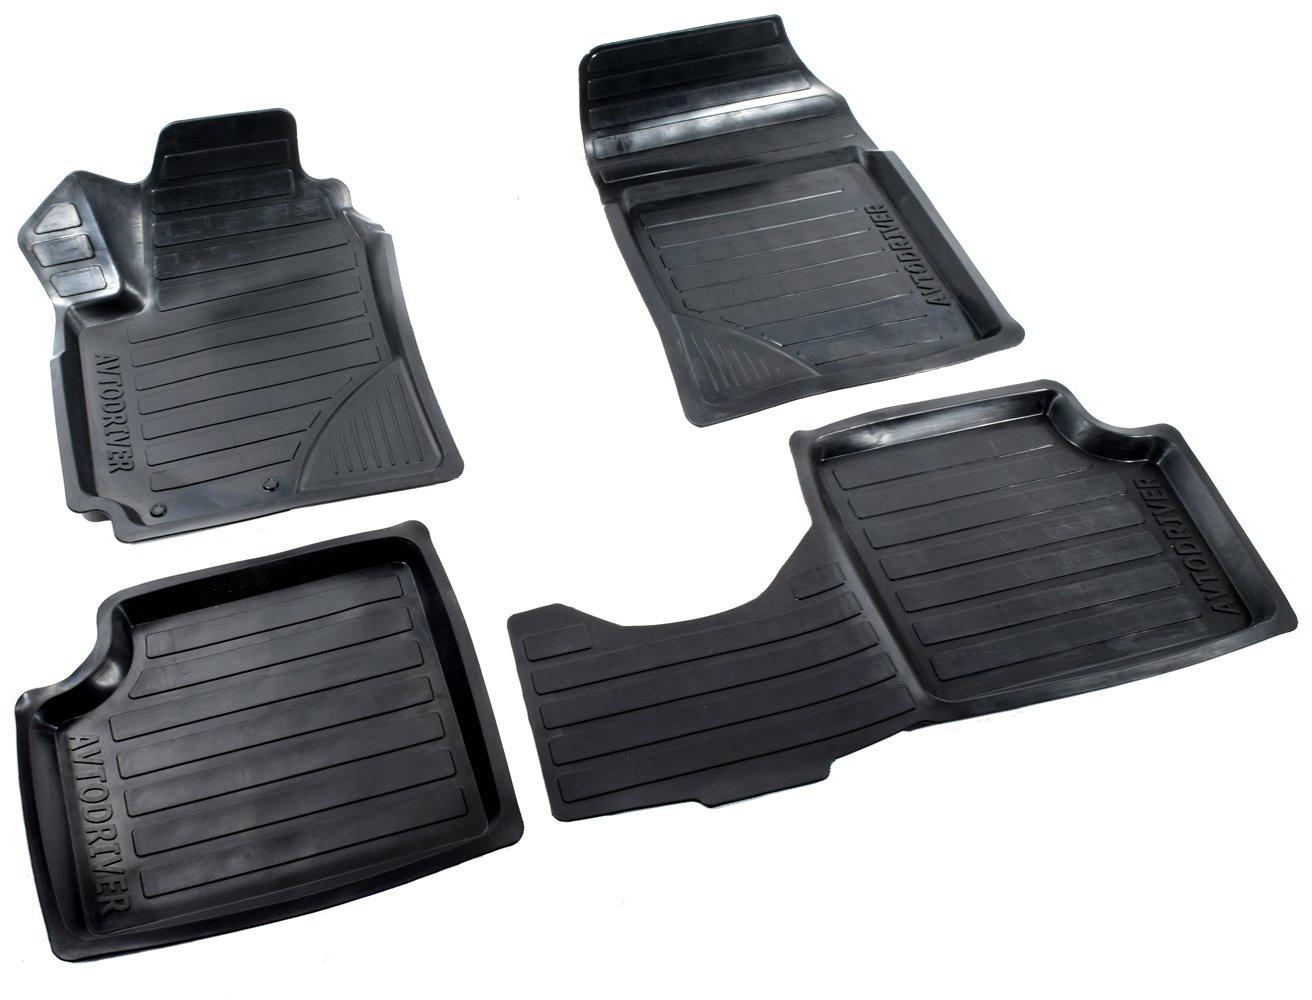 цена на Коврики в салон автомобиля Avtodriver, для Geely Emgrand, 2009-, ADRAVG139, резиновые, с бортиком, черный